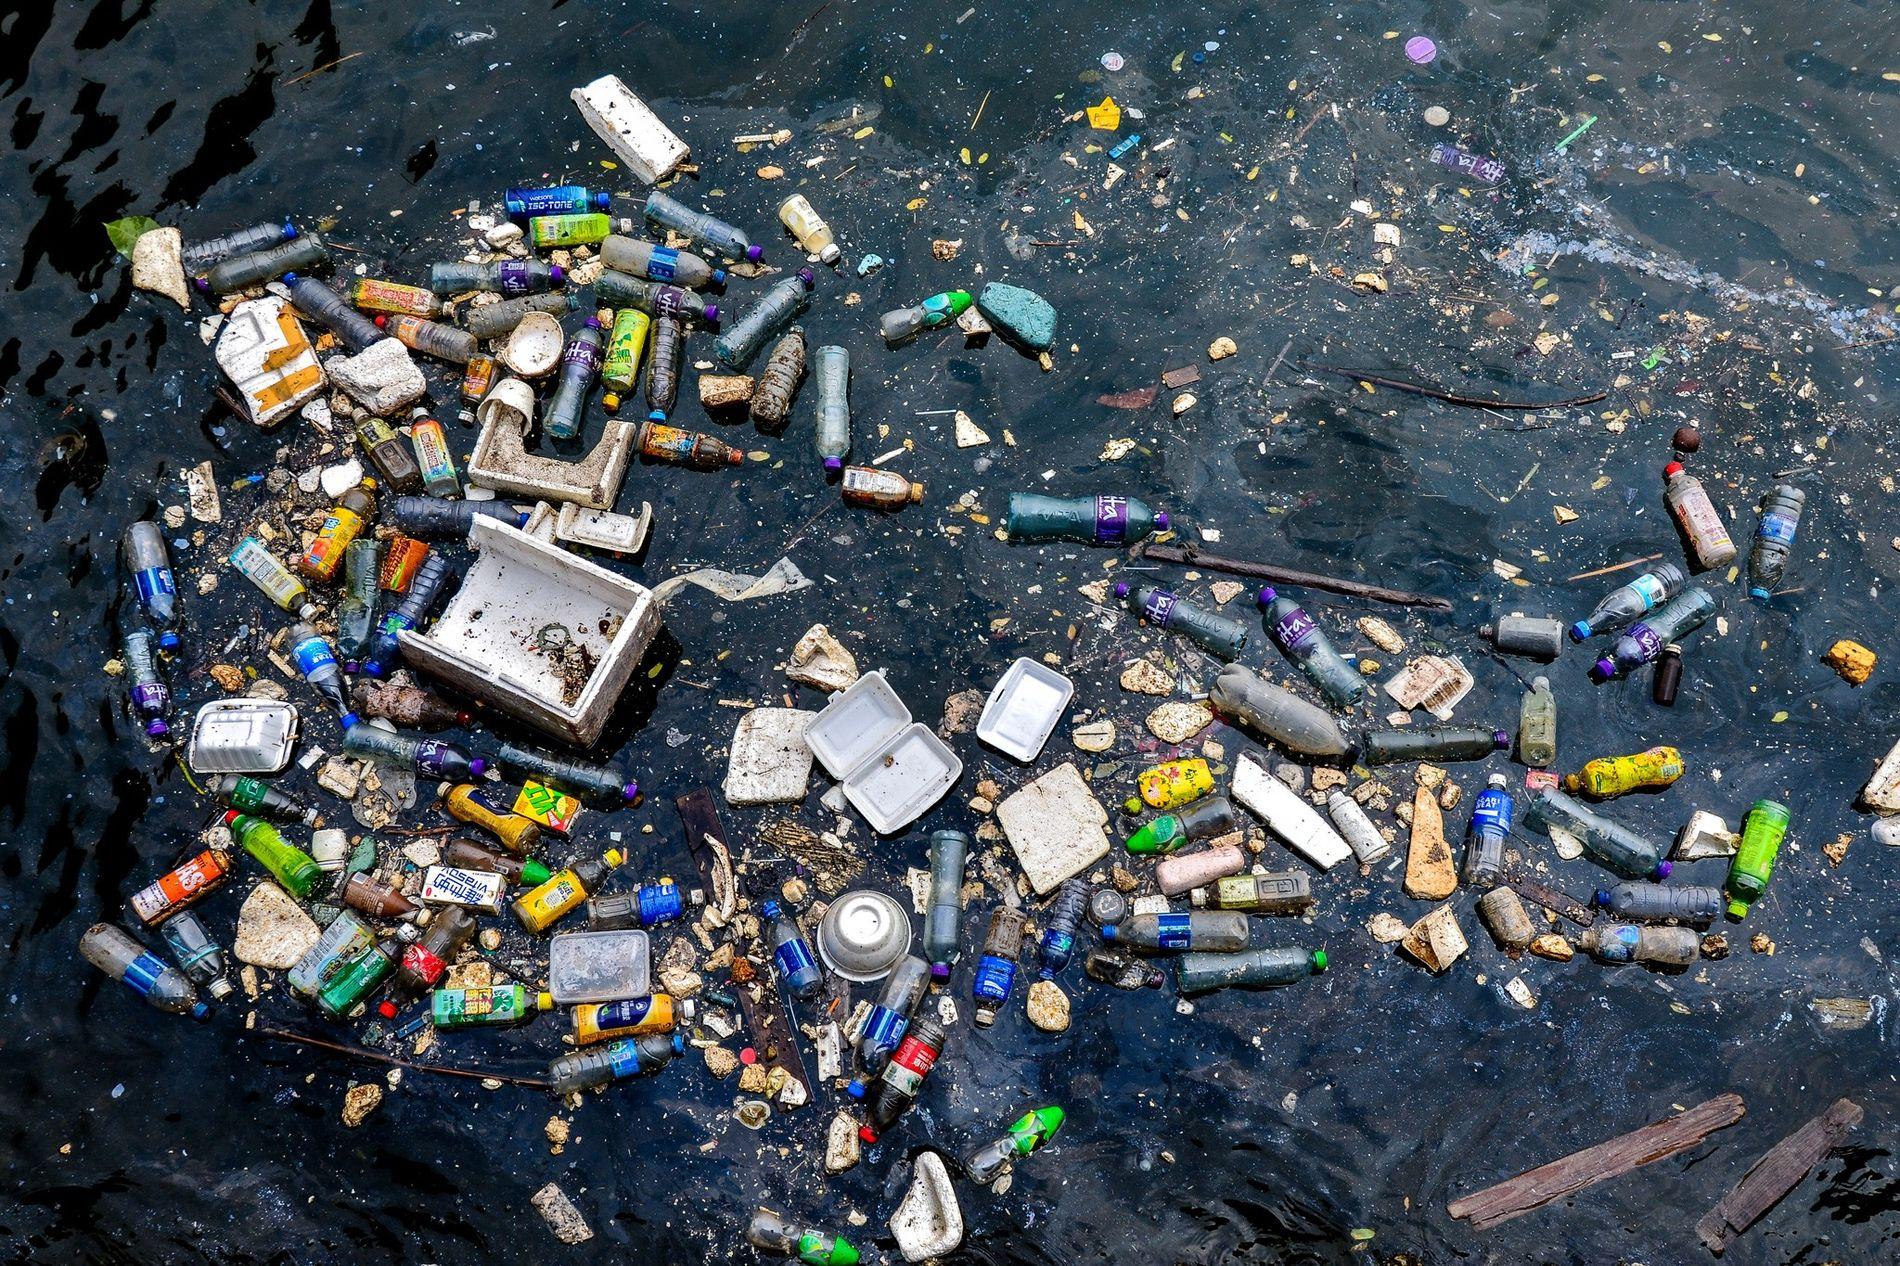 Plástico flotando y basura de poliestireno contaminan un rincón del puerto de Victoria Harbour, en Hong Kong